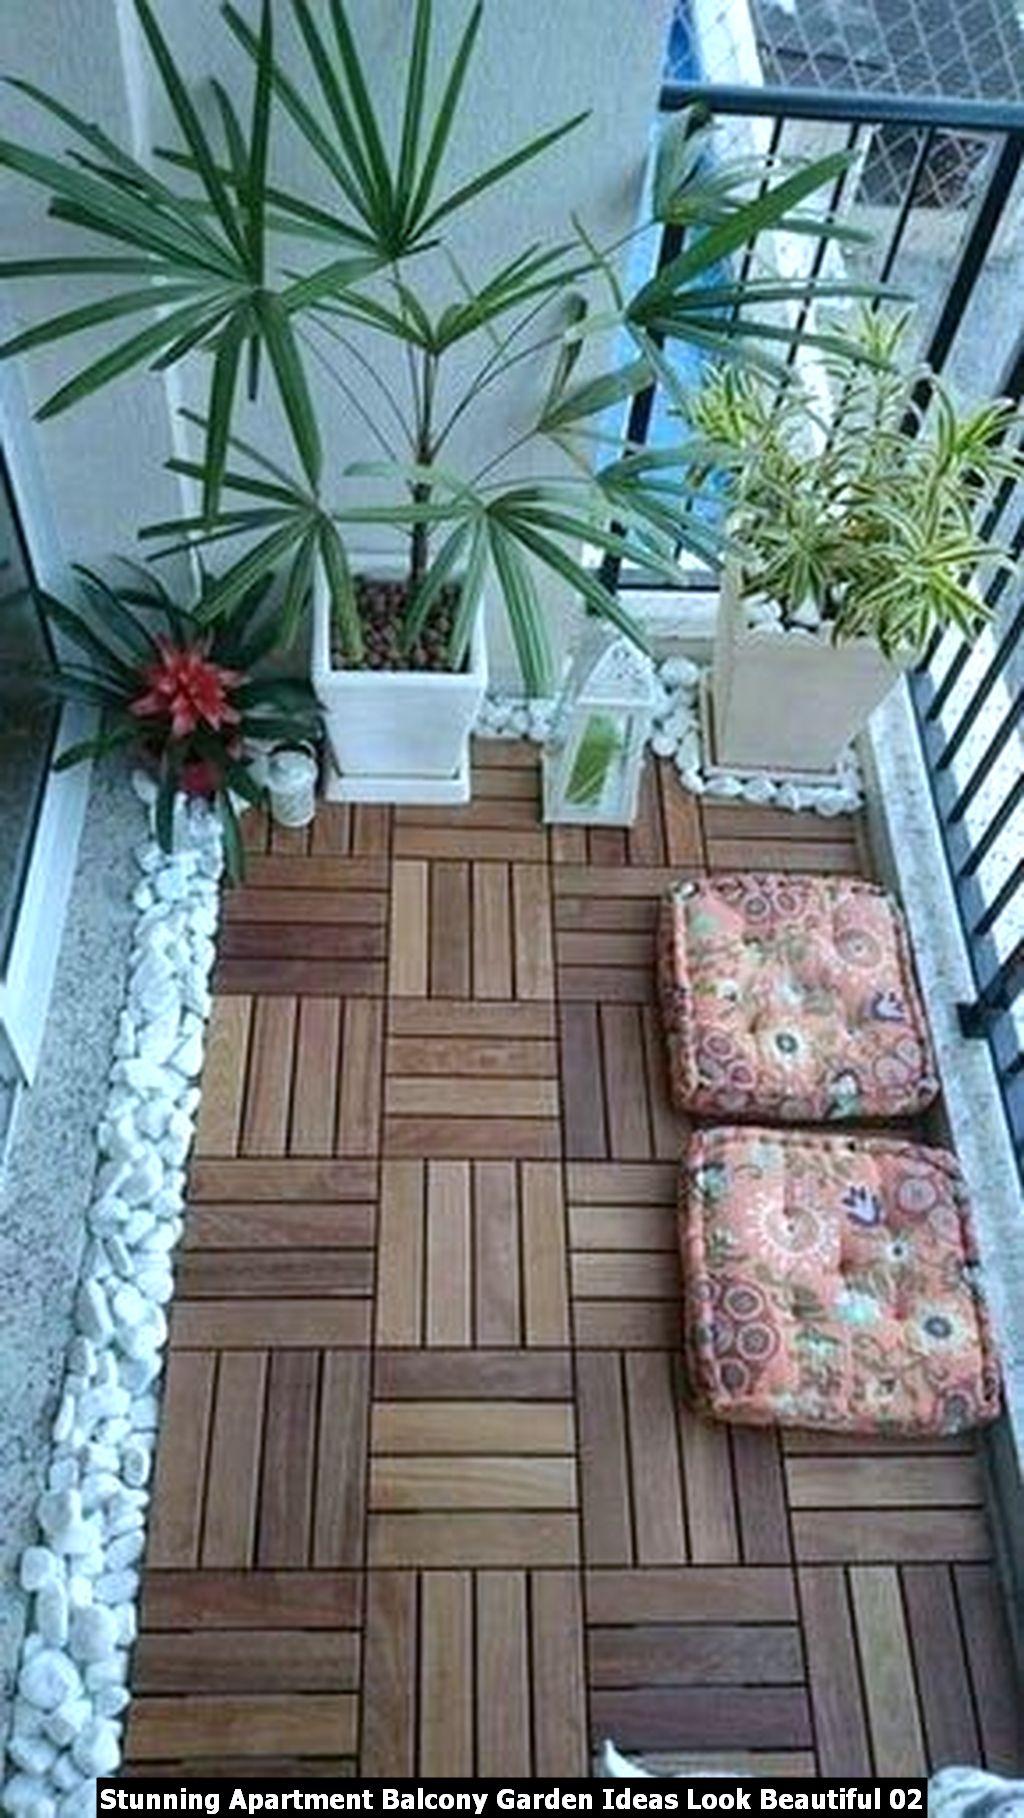 Stunning Apartment Balcony Garden Ideas Look Beautiful 02